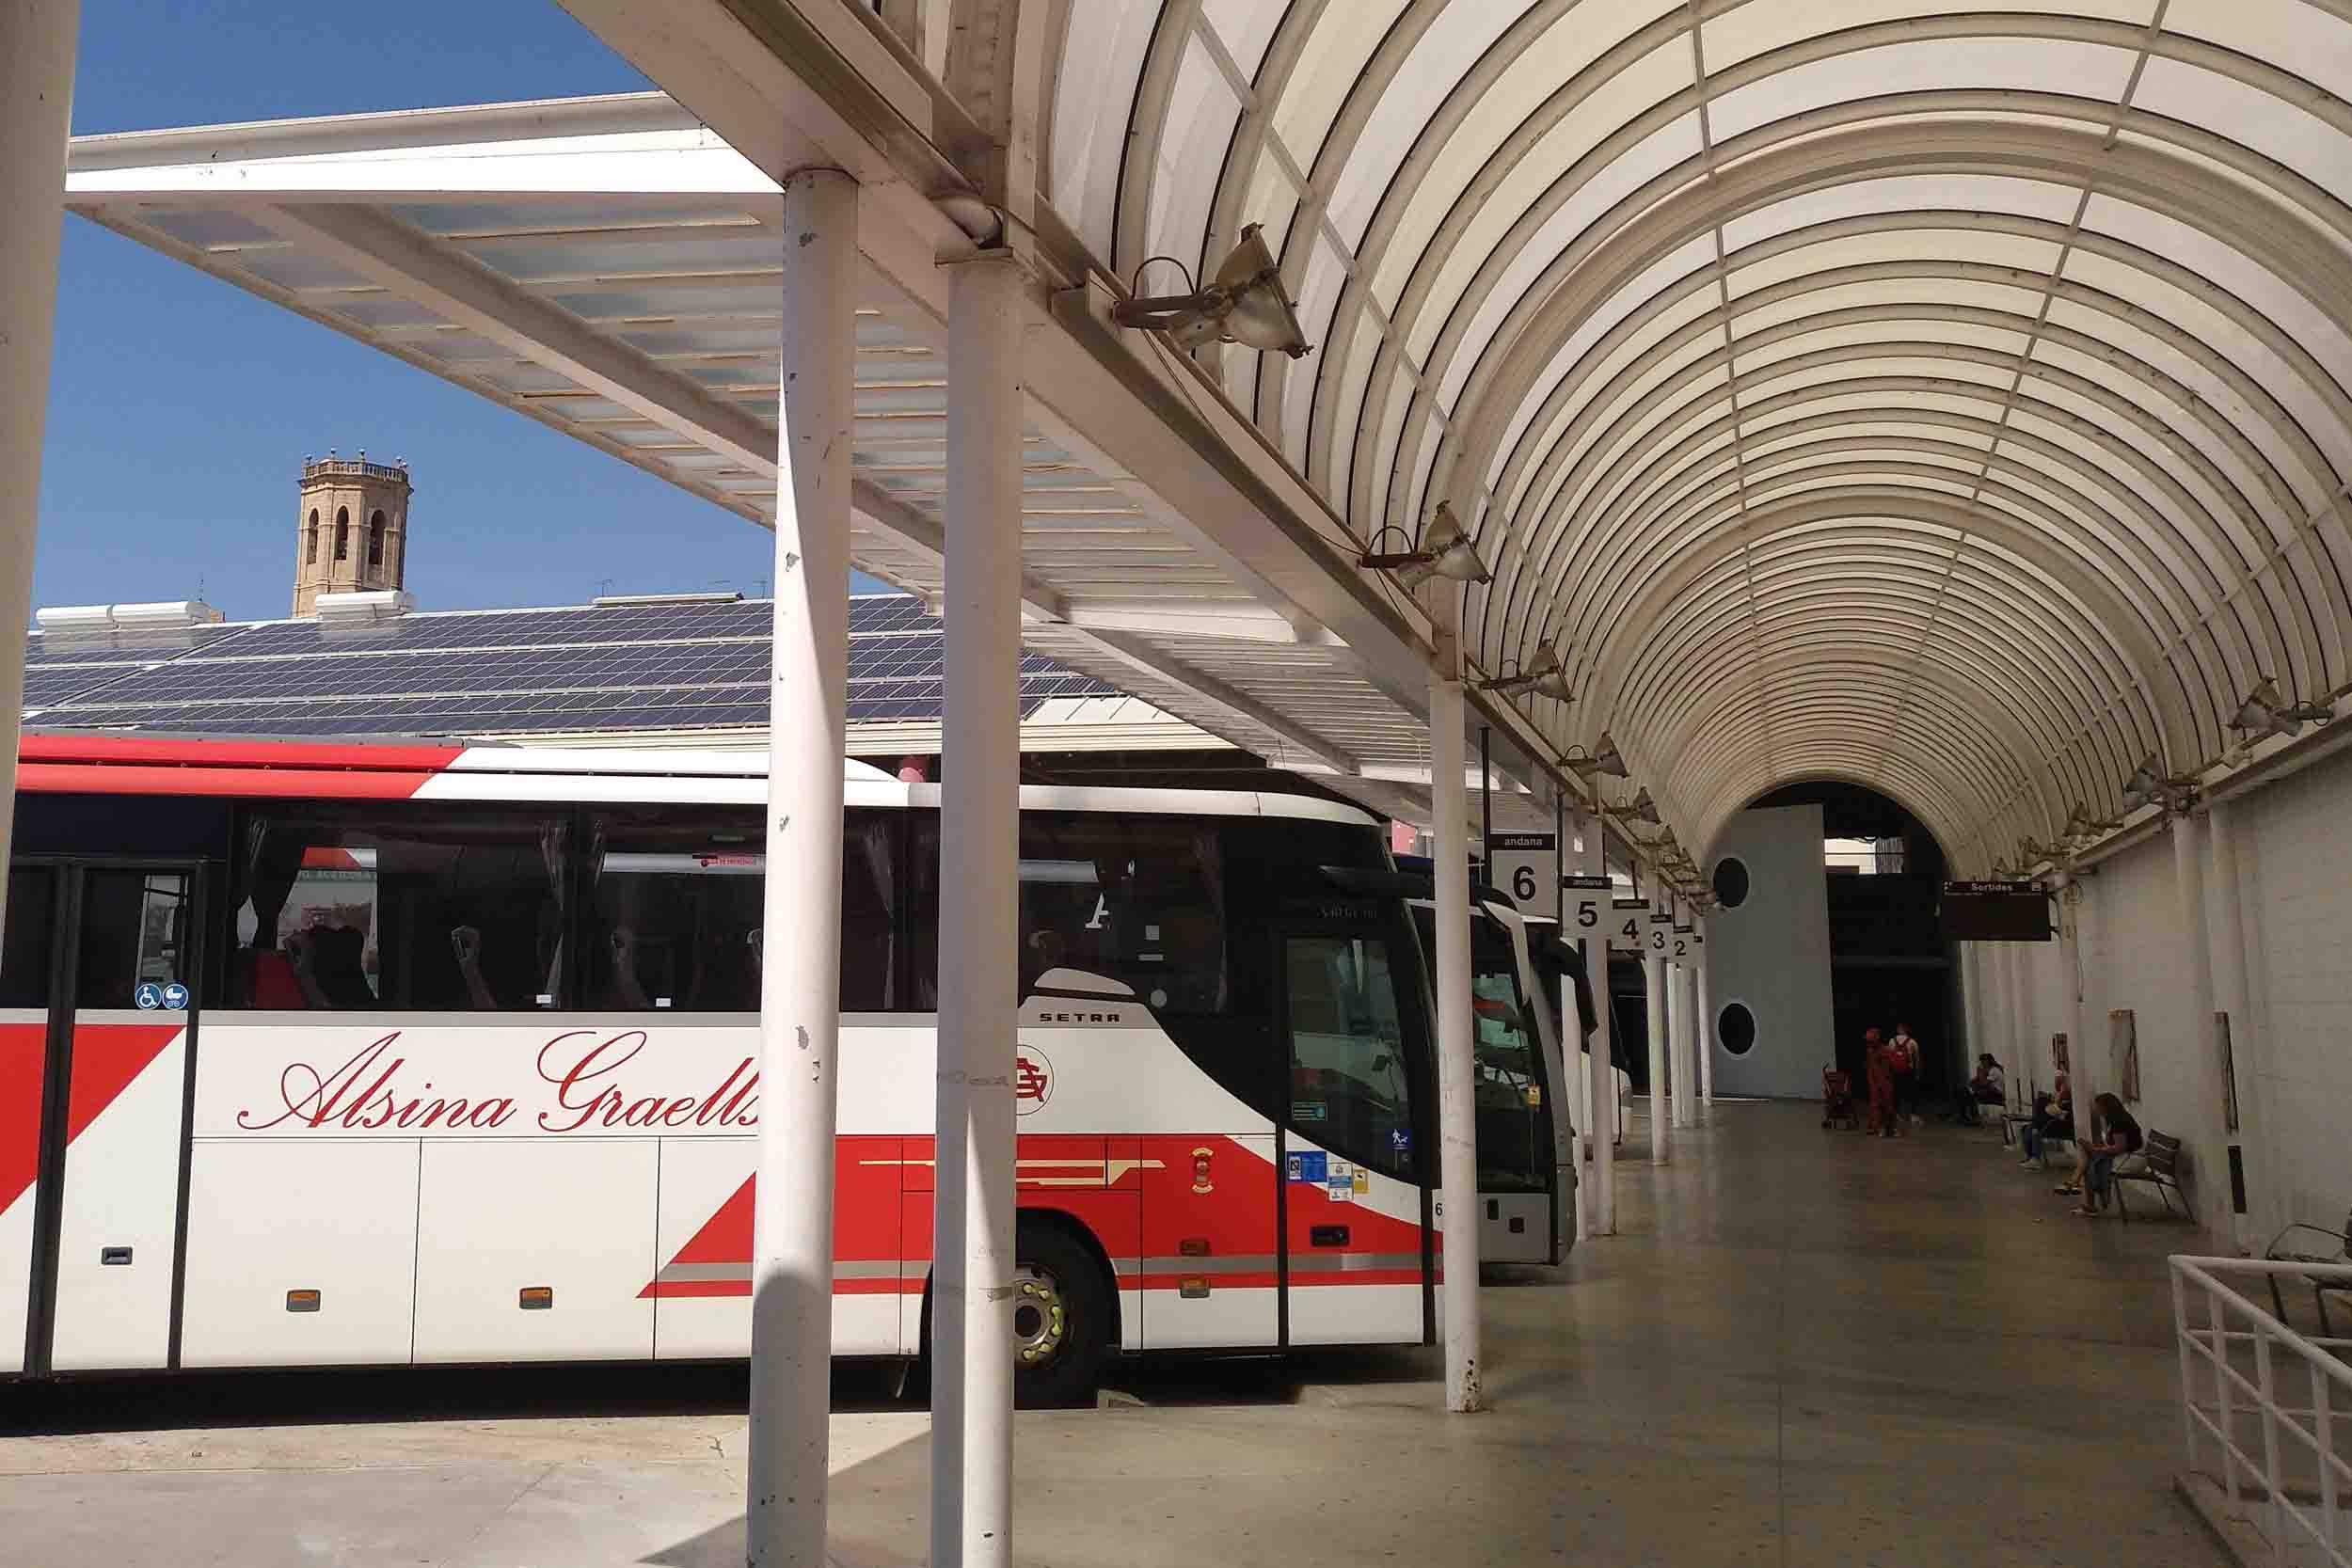 Les obres de la nova estació d'autobusos de Tàrrega, a licitació durant el primer trimestre de l'any 2020